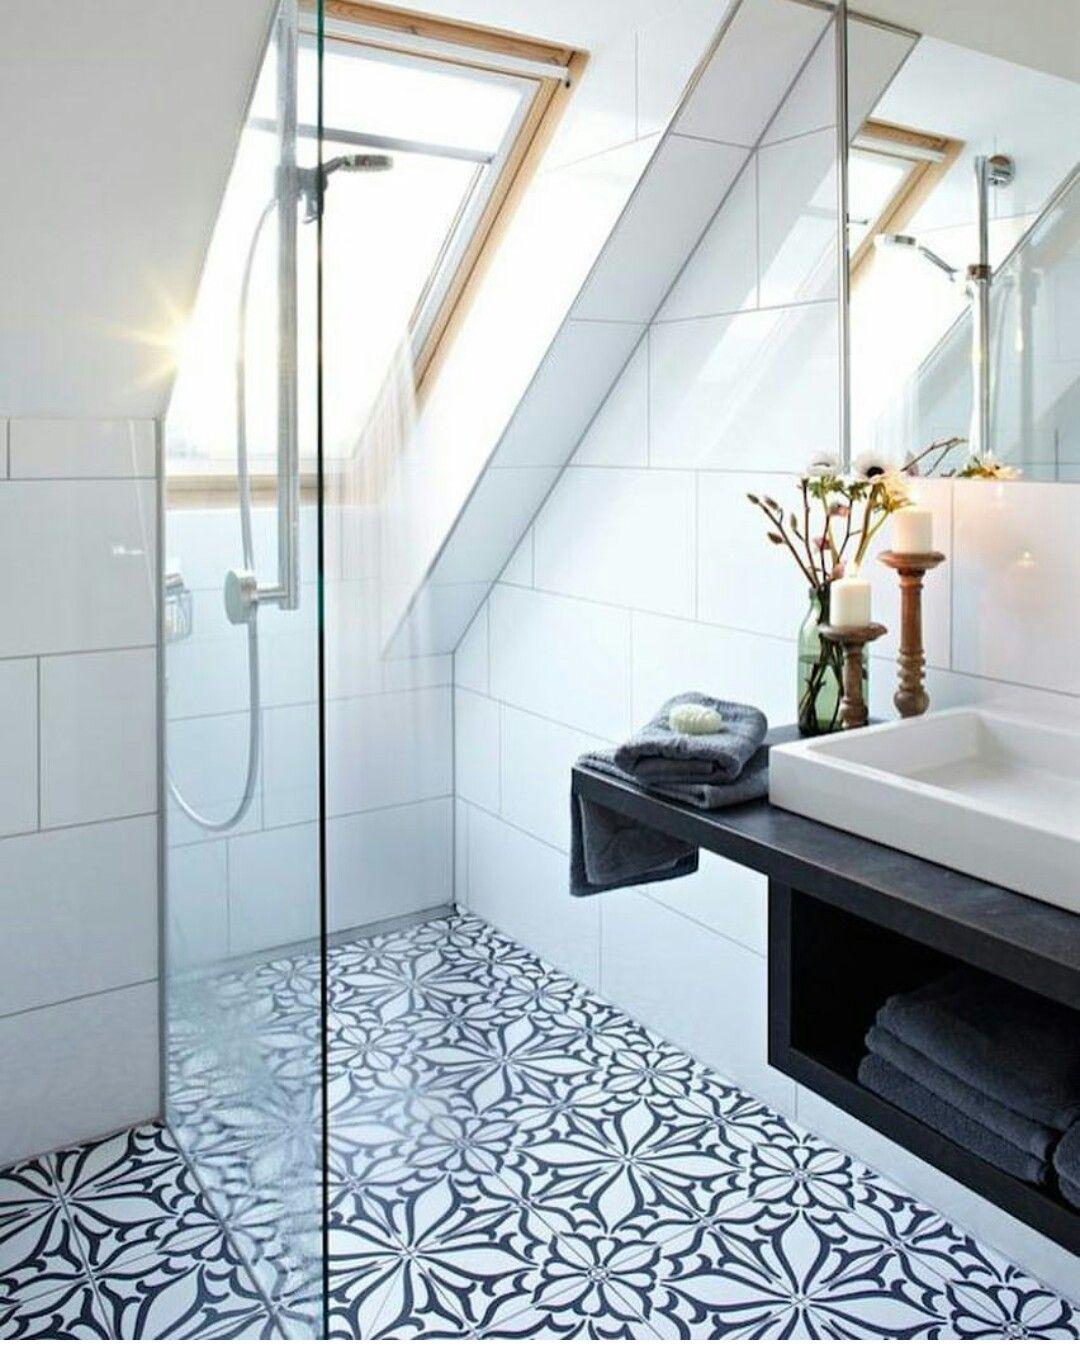 Pin By Andy Florer On Bathroom Attic Shower Small Attic Bathroom Bathroom Design